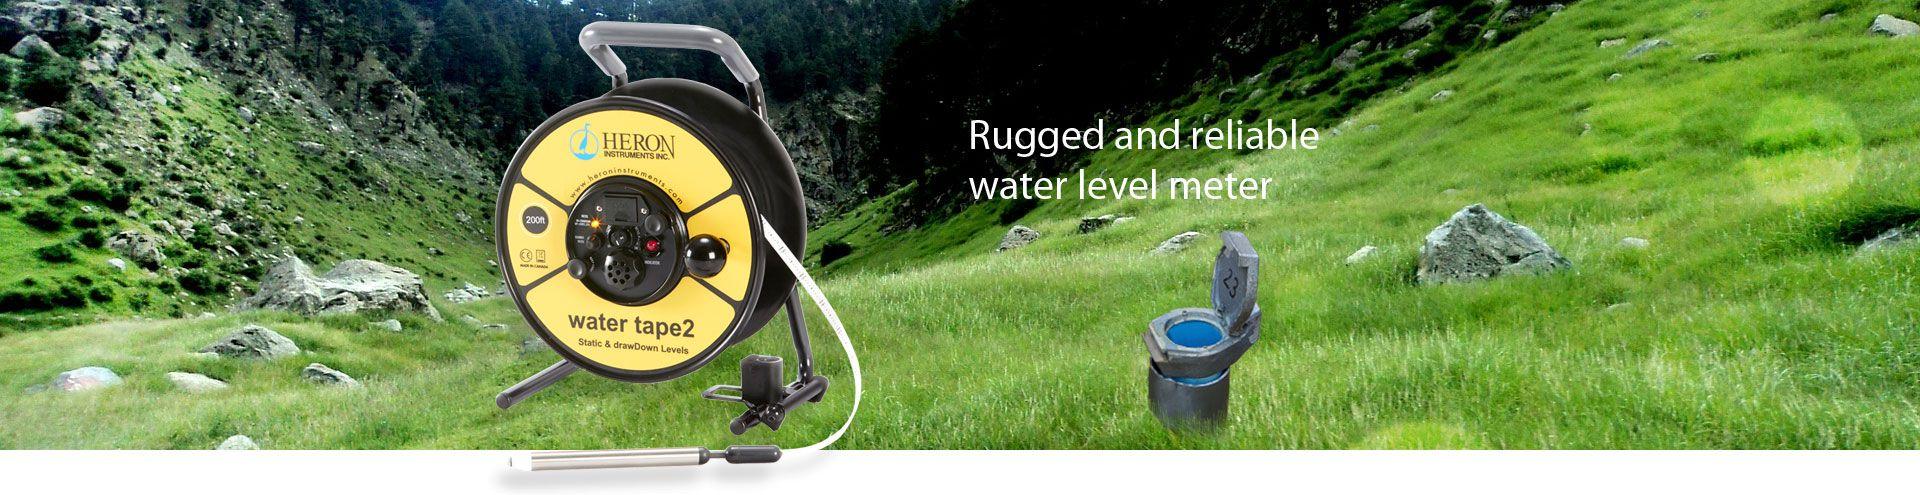 Heron water tape2 Water Level Meters